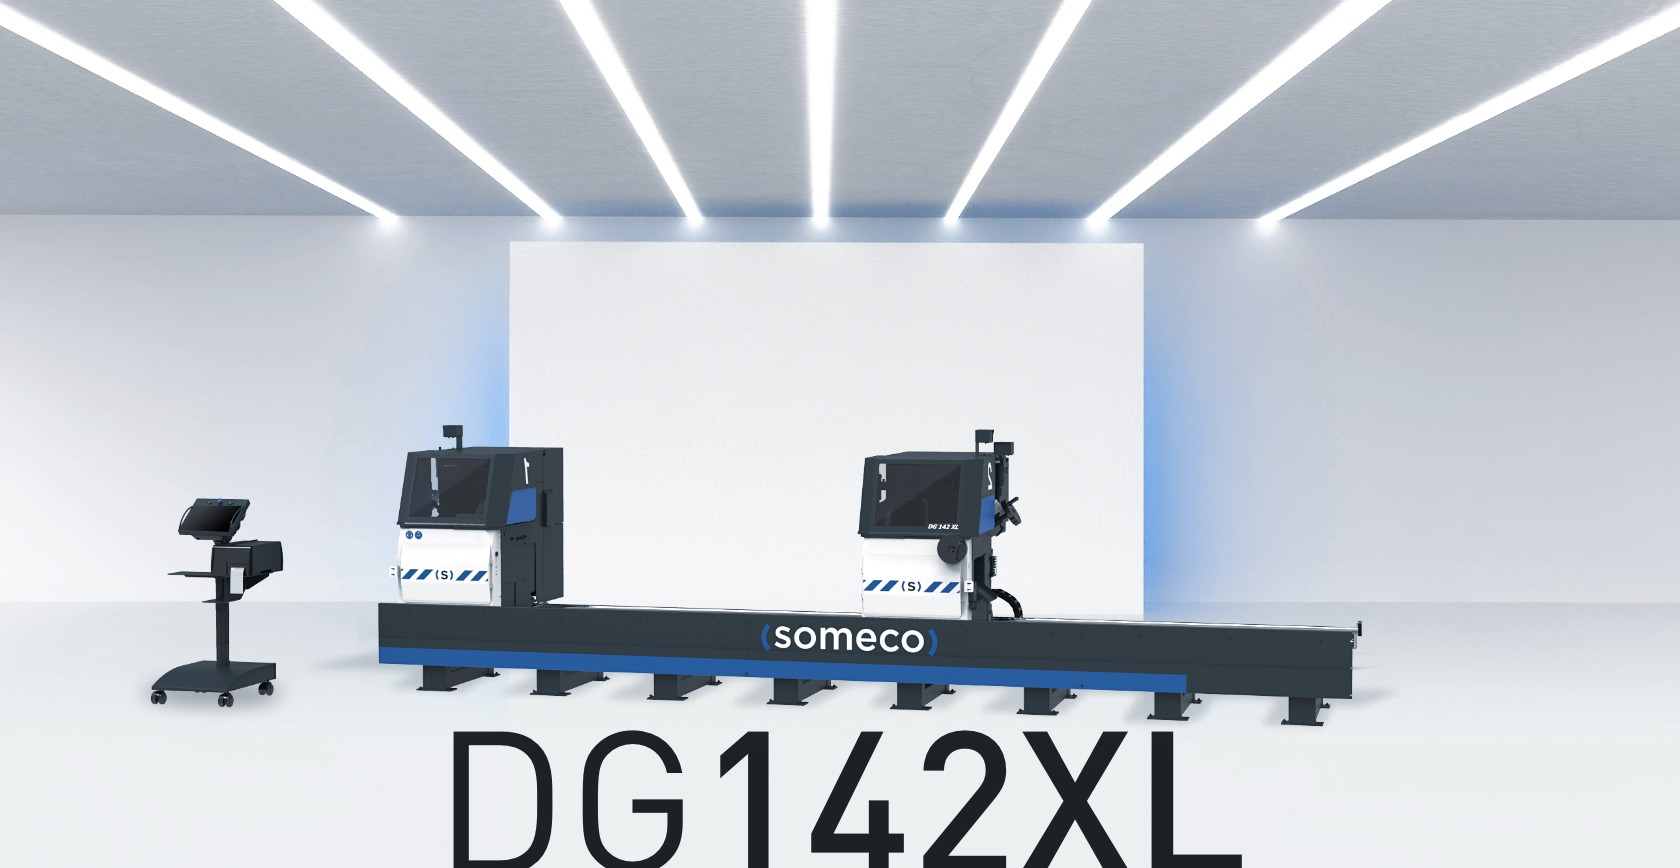 Someco  DG 142XL